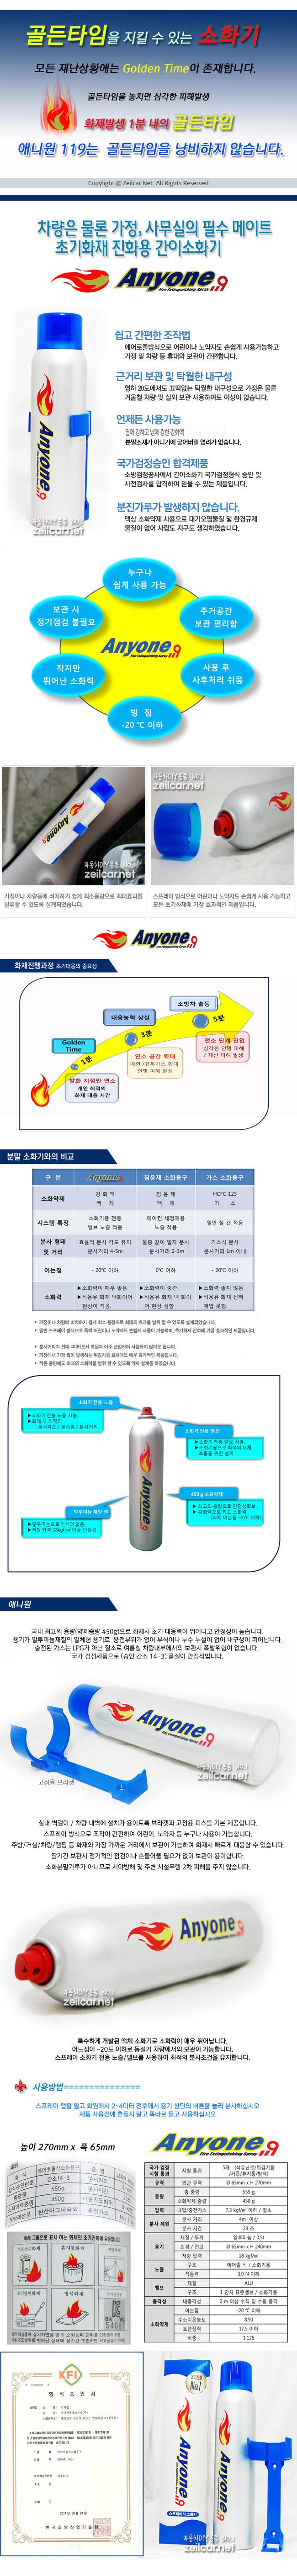 간이소화기 애니원119 (555g)-차량 및 휴대용 에어졸 강화액 소화기